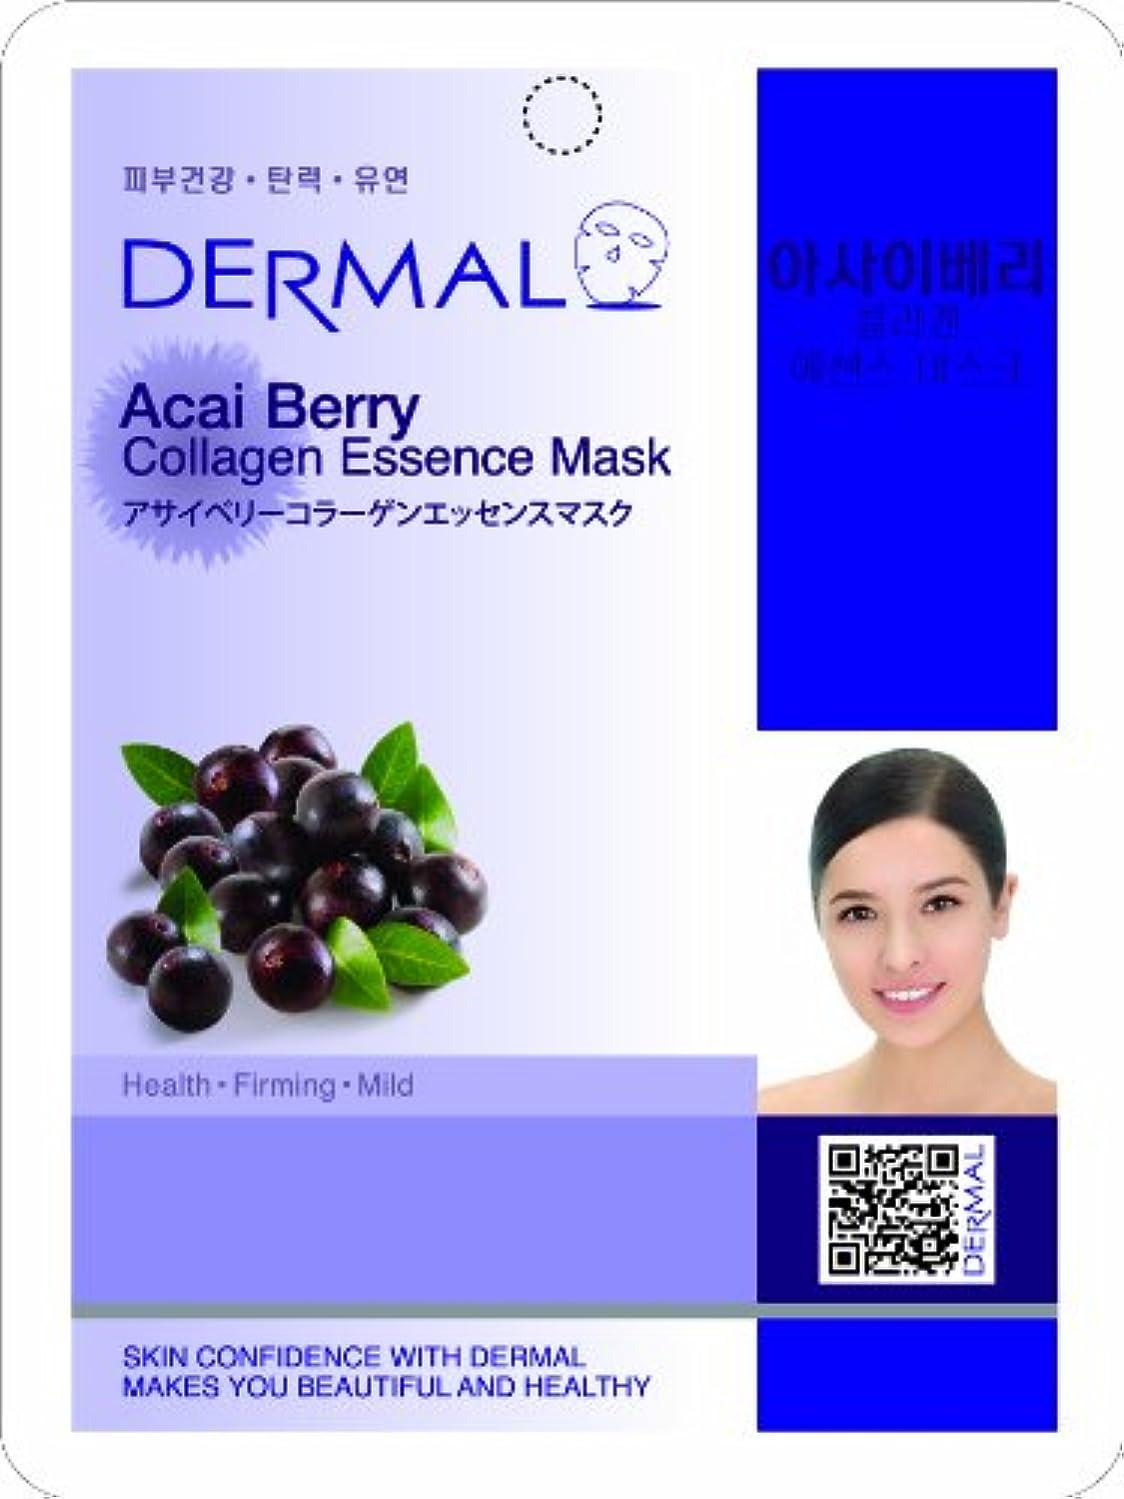 ドラフトお手入れ苛性アサイベリーシートマスク(フェイスパック) 10枚セット ダーマル(Dermal)